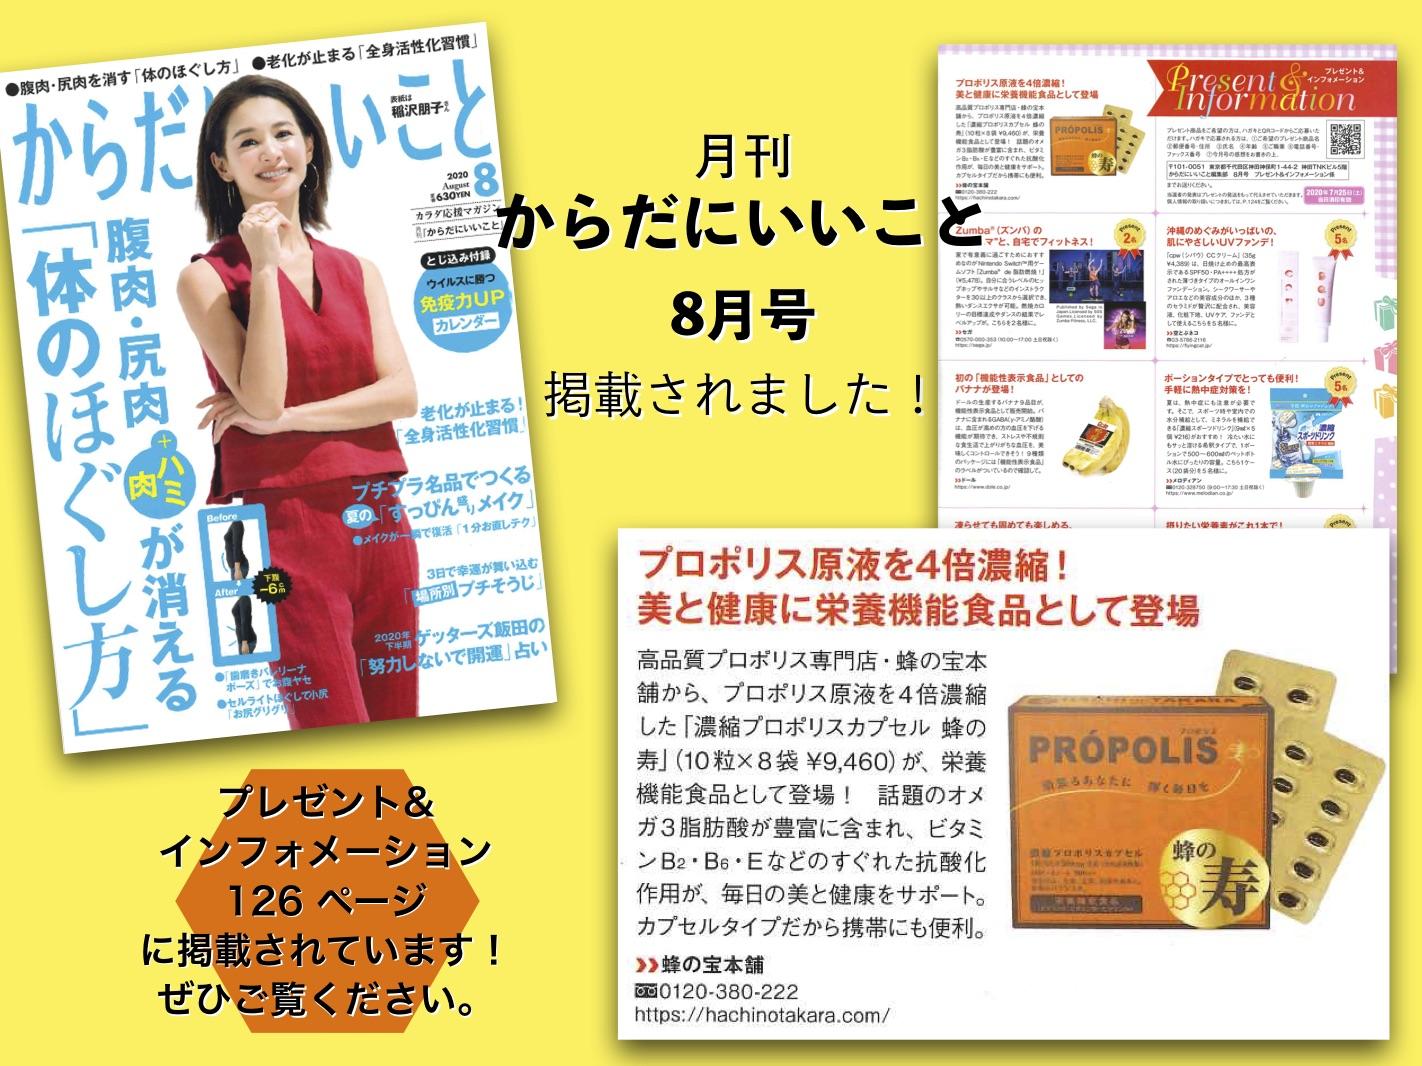 からだにいいこと 雑誌掲載情報 栄養機能食品 プロポリス 蜂の寿